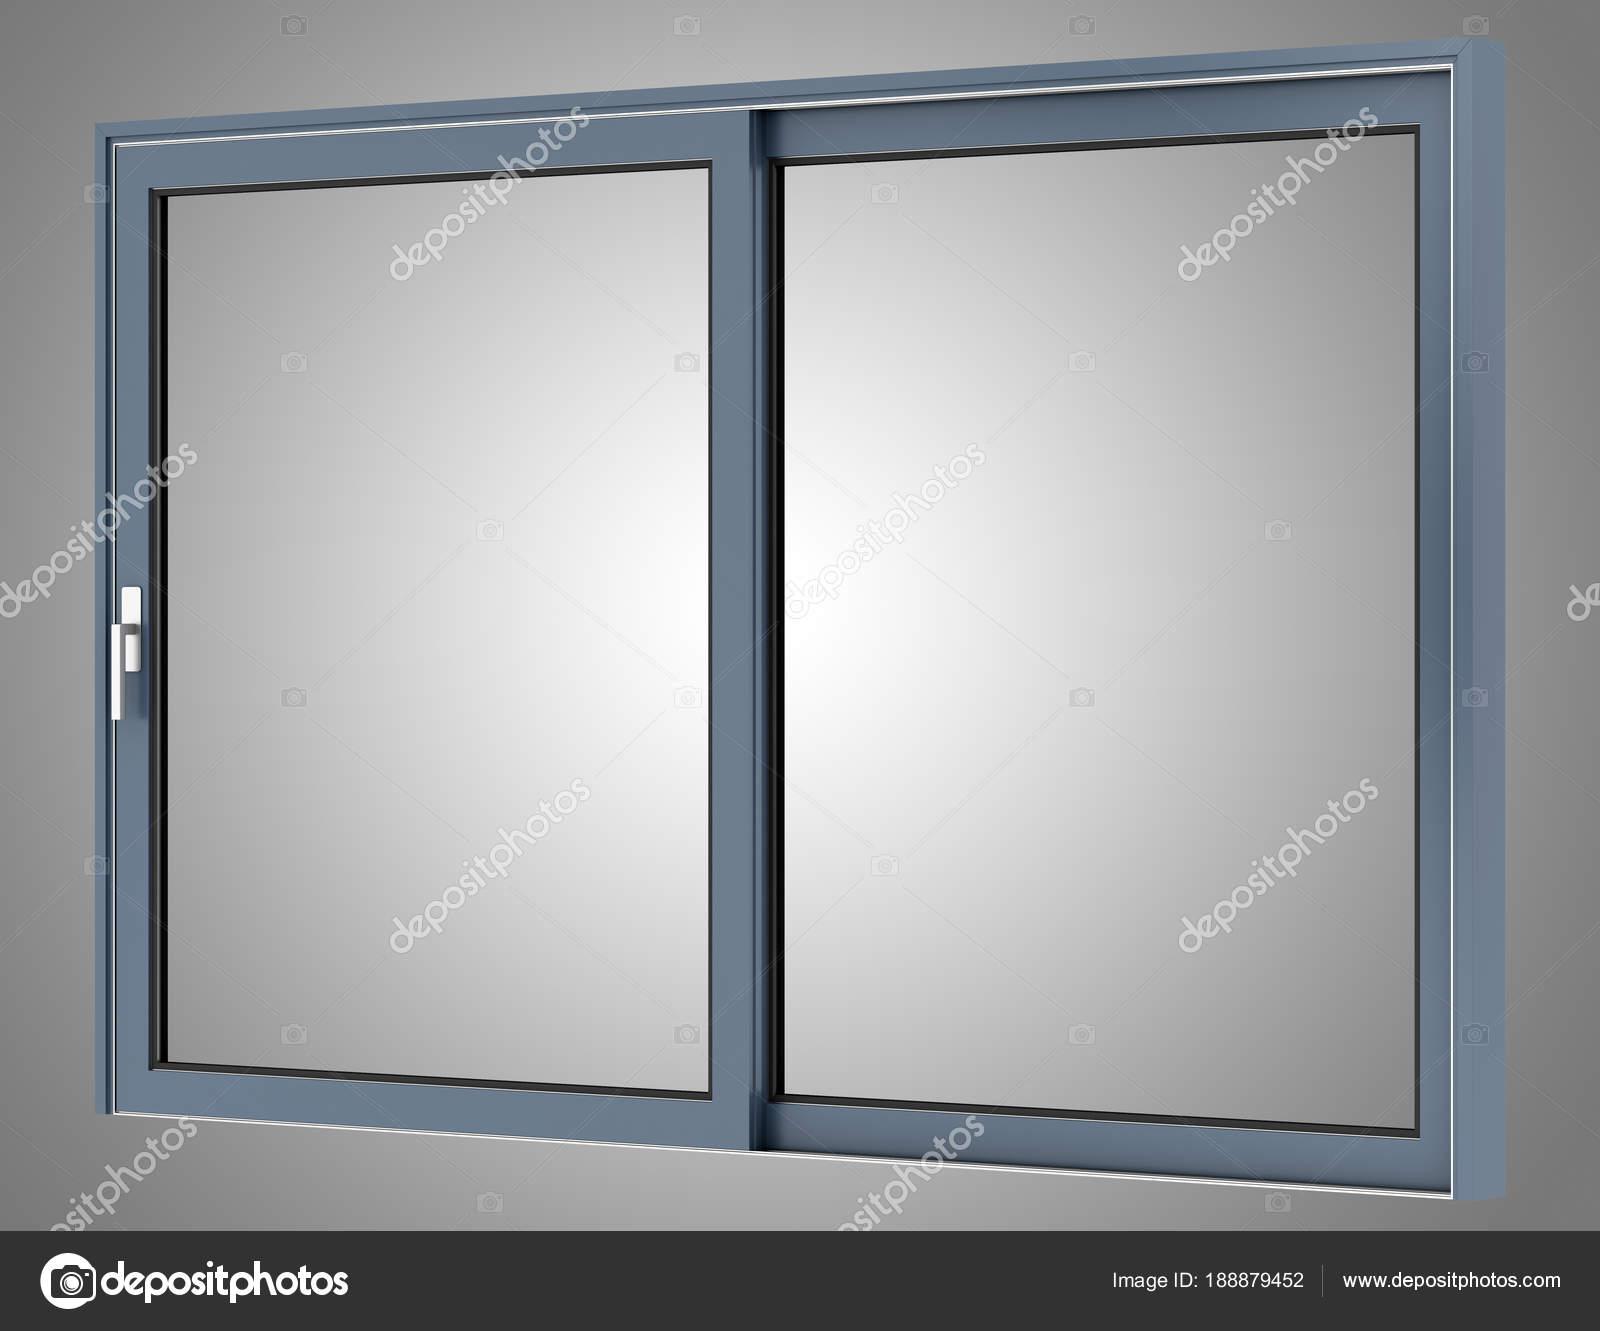 metallische Fenster isoliert auf grauem Hintergrund. 3D illustration ...